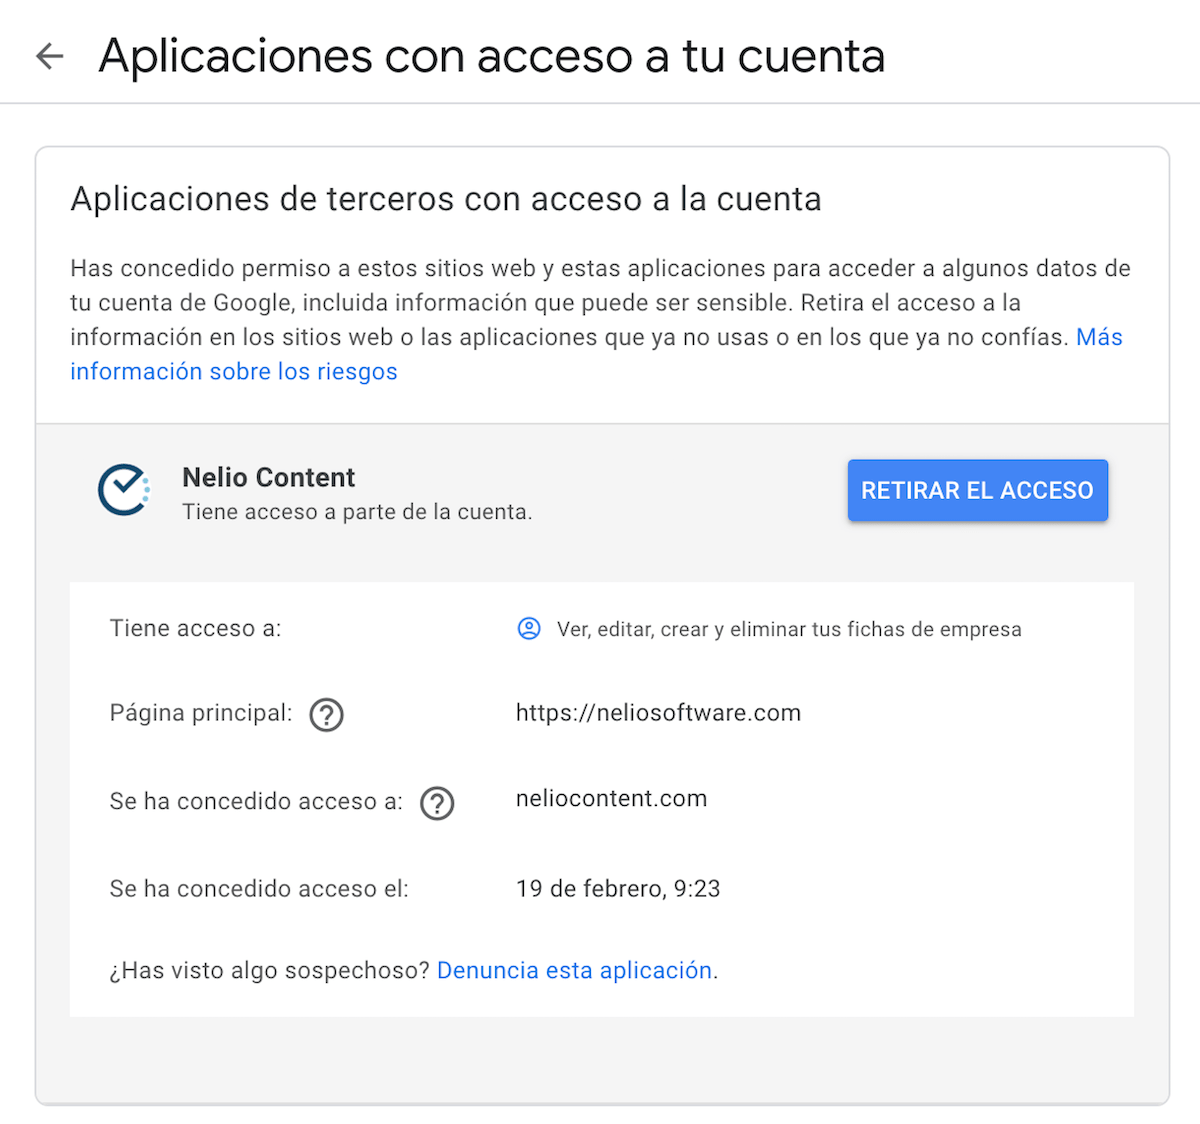 Revocar el permiso de acceso de terceros de Nelio Content a la cuenta de Google.